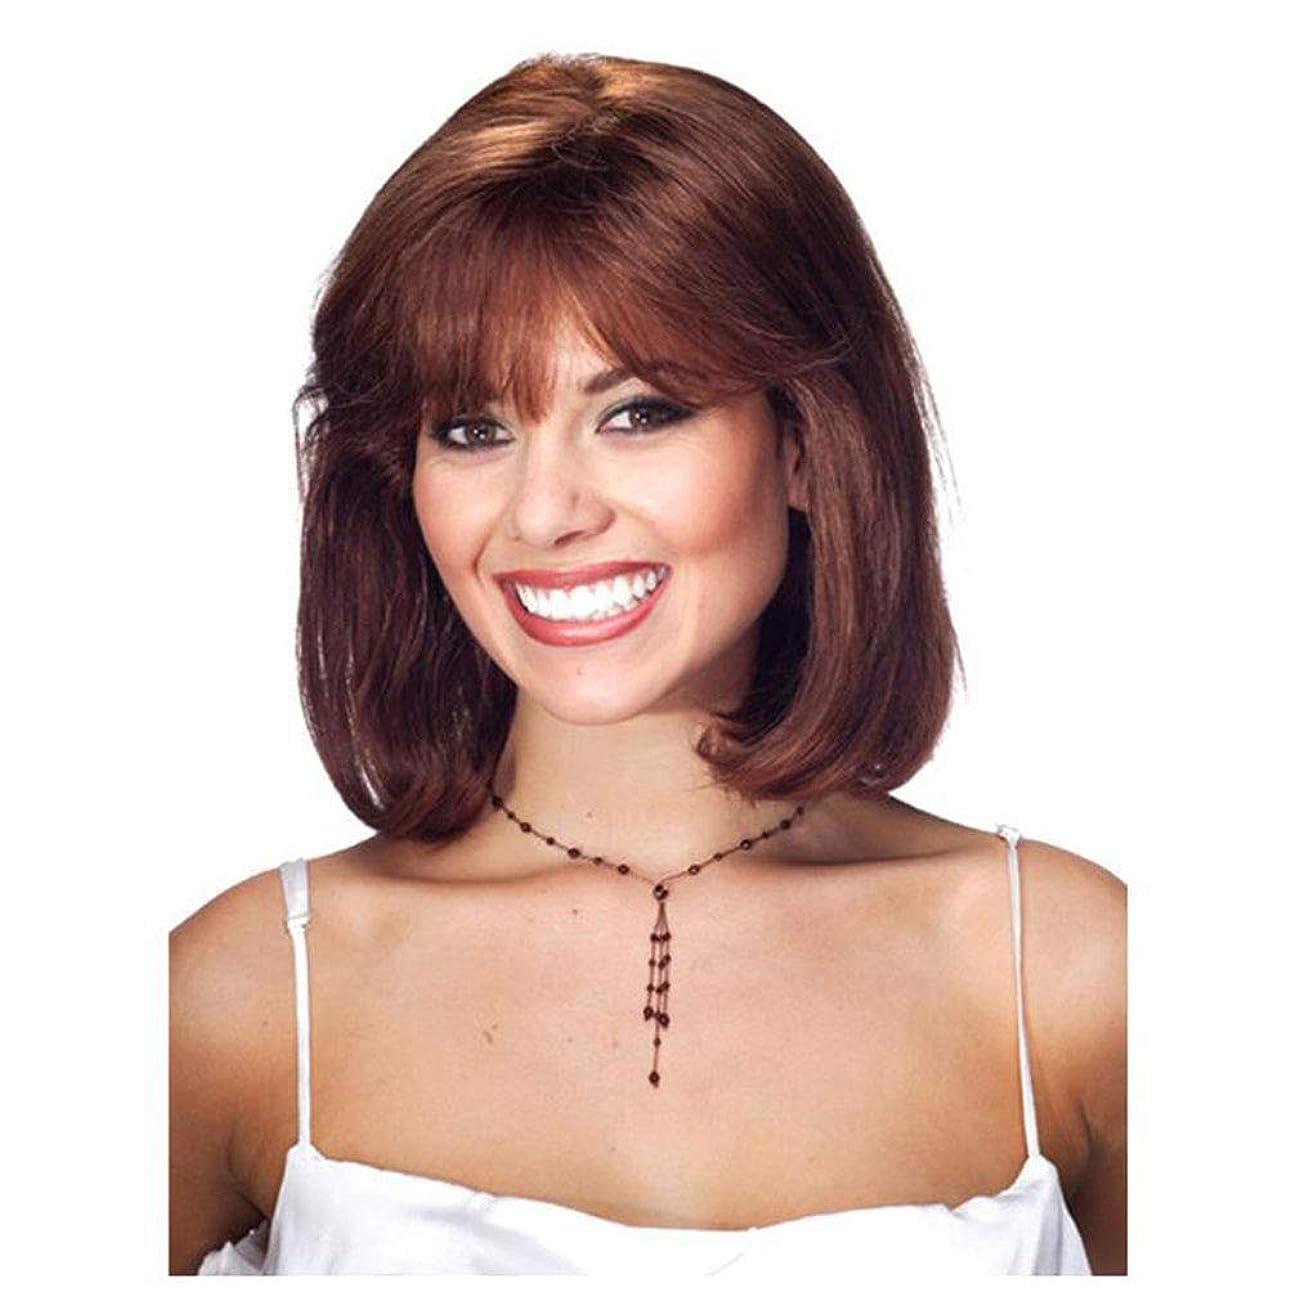 一口感情公女性のための前髪の短い波状の縮れ毛ヘアピースウィッグ - 日常やコスチュームパーティーのためのナチュラルな外観と耐熱性の完全な頭髪の交換